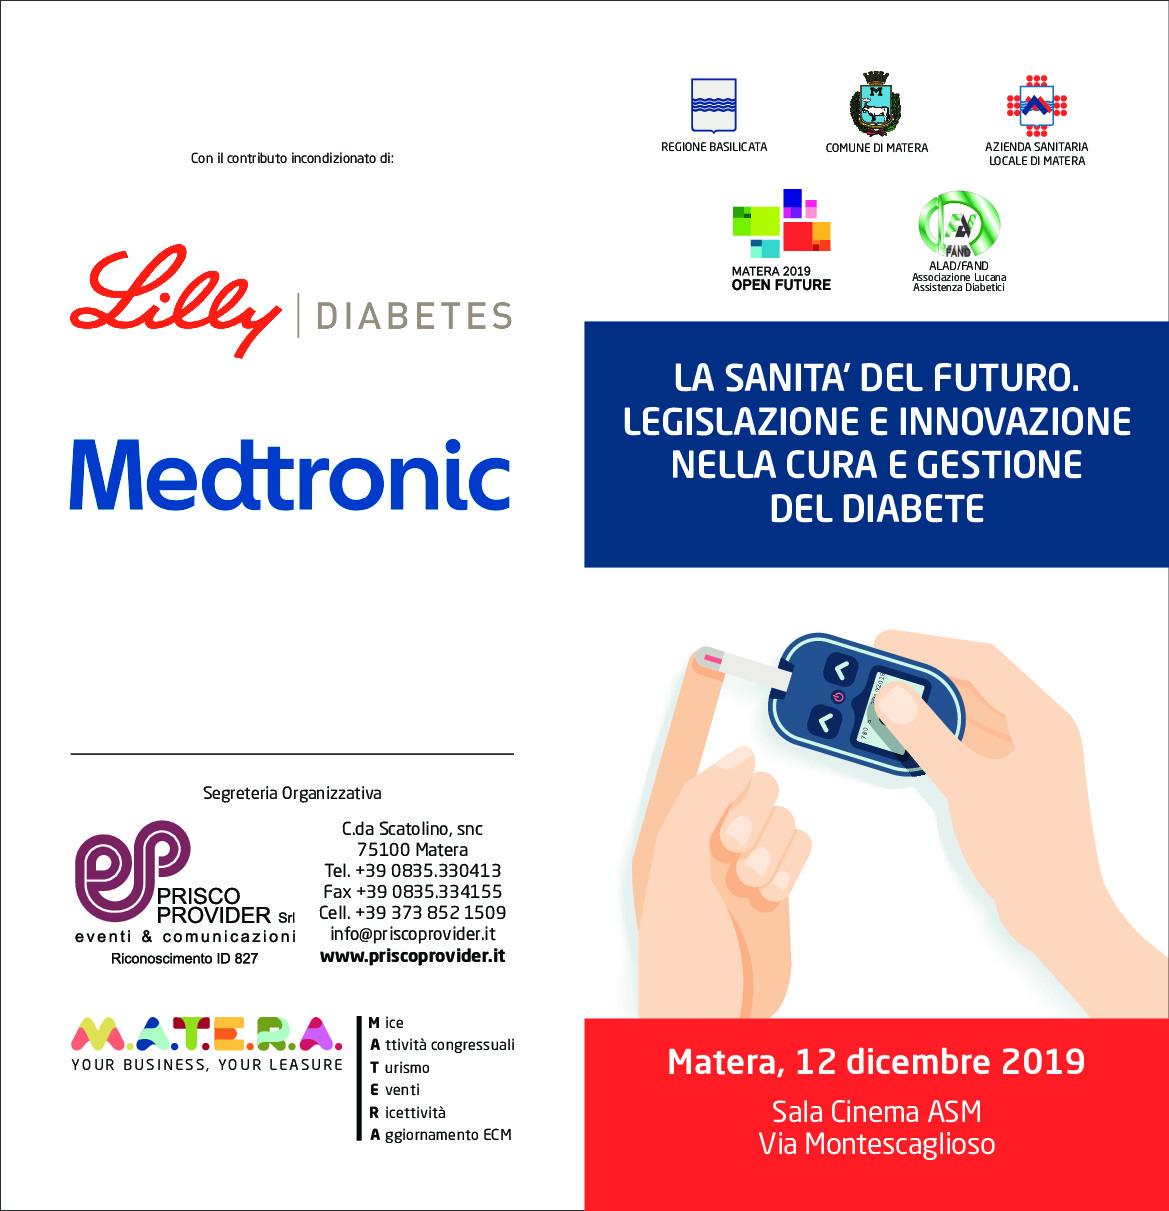 La Sanità del futuro, legislazione e innovazione nella cura e gestione del diabete